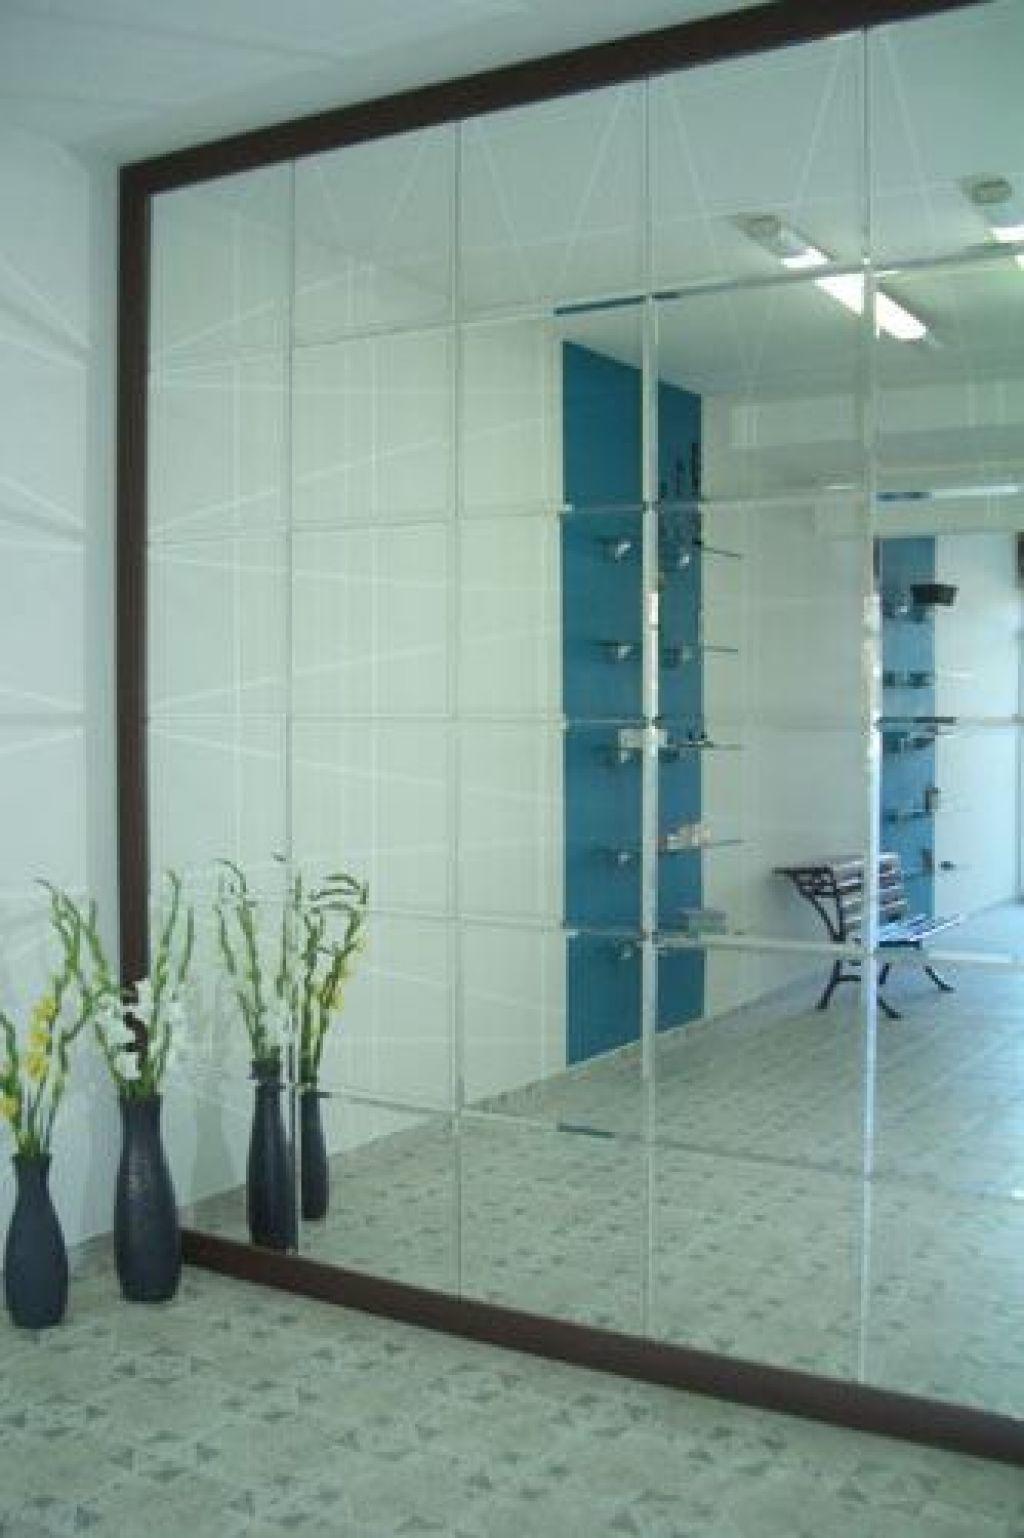 Imagens de #21505D Galeria de fotos Espelhos 1024x1538 px 2860 Box Banheiro Joinville Sc